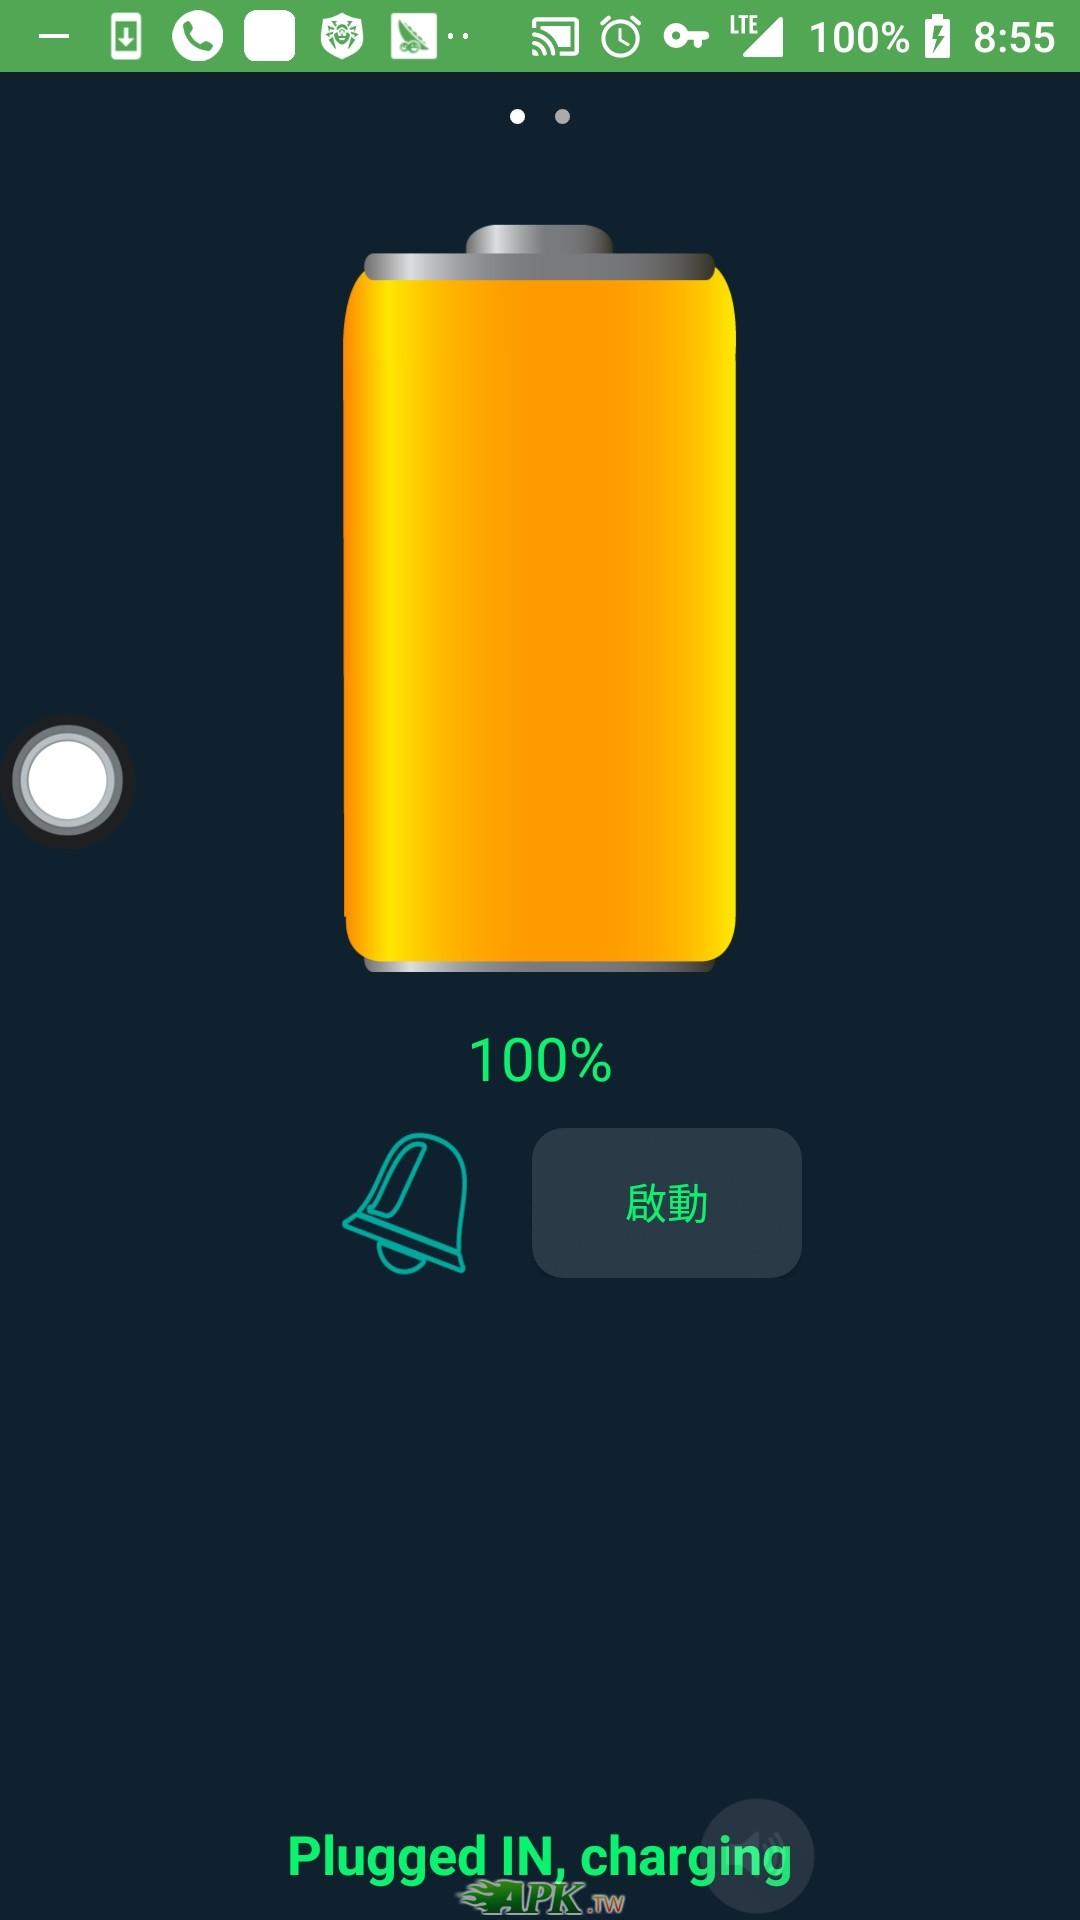 screenshot_20190209_205551.jpg